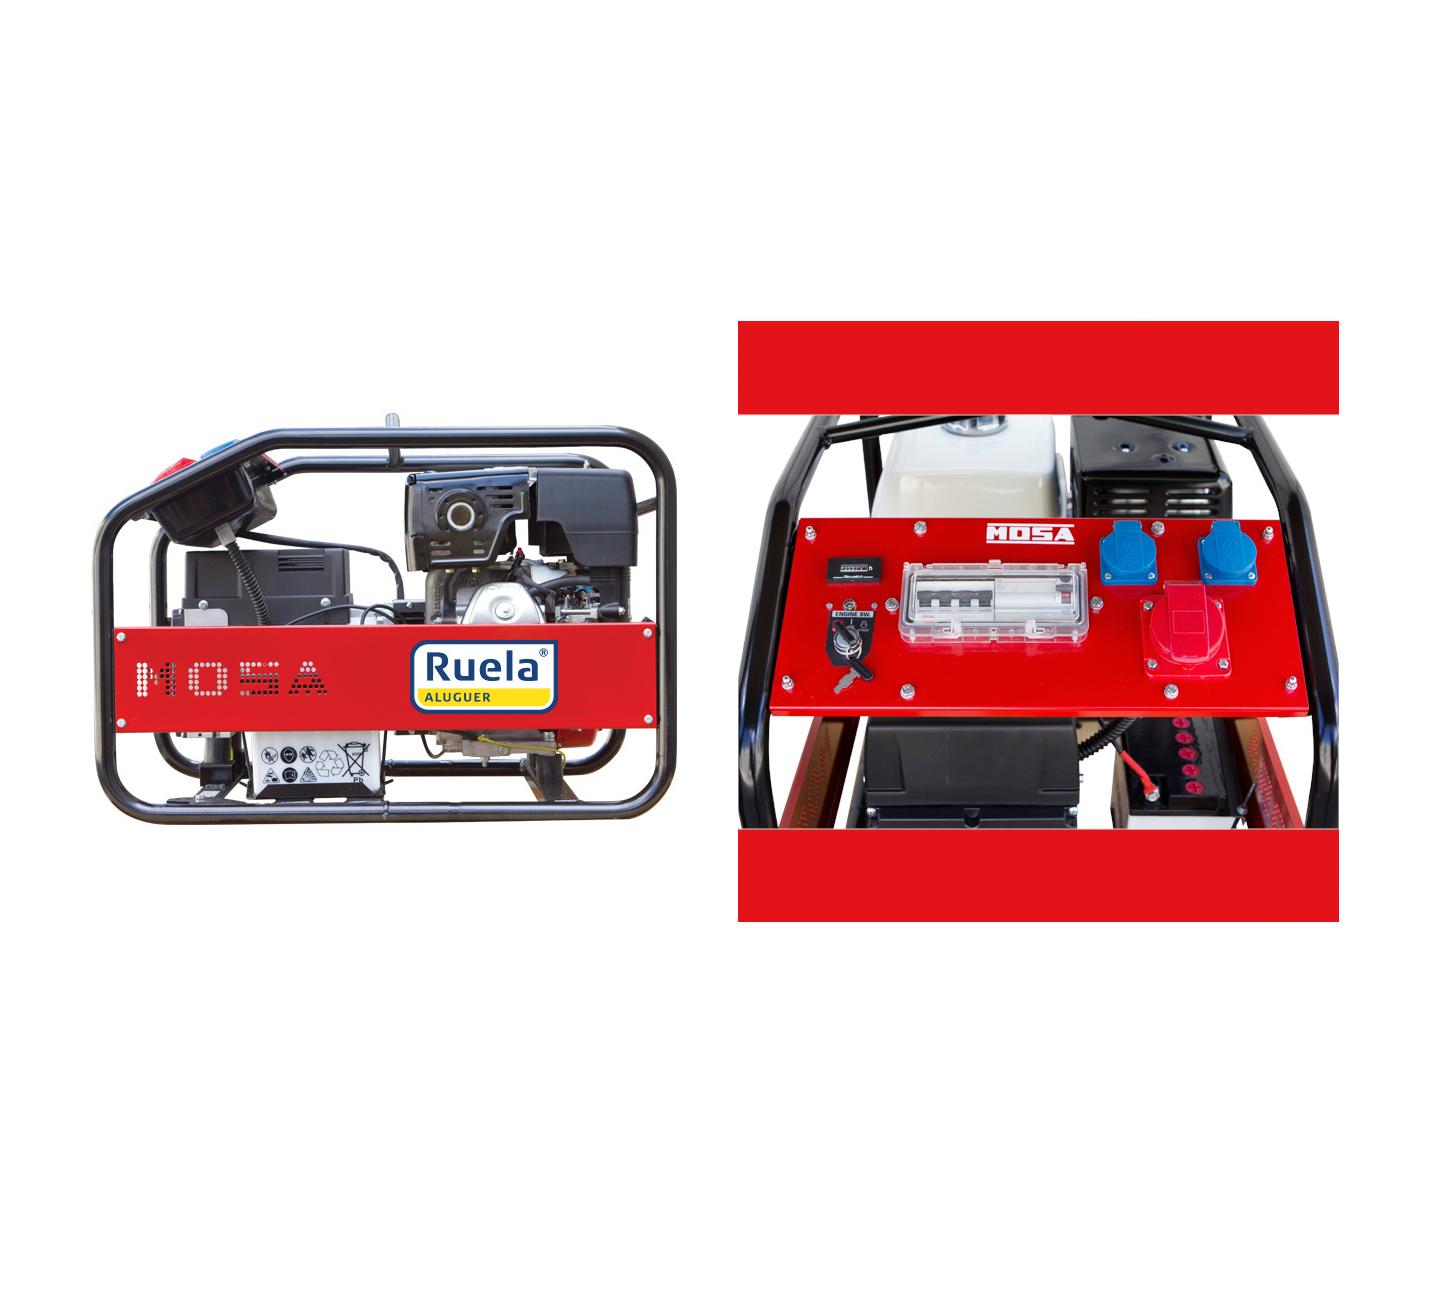 GE9000-ruela-aluguer-geradores-portateis